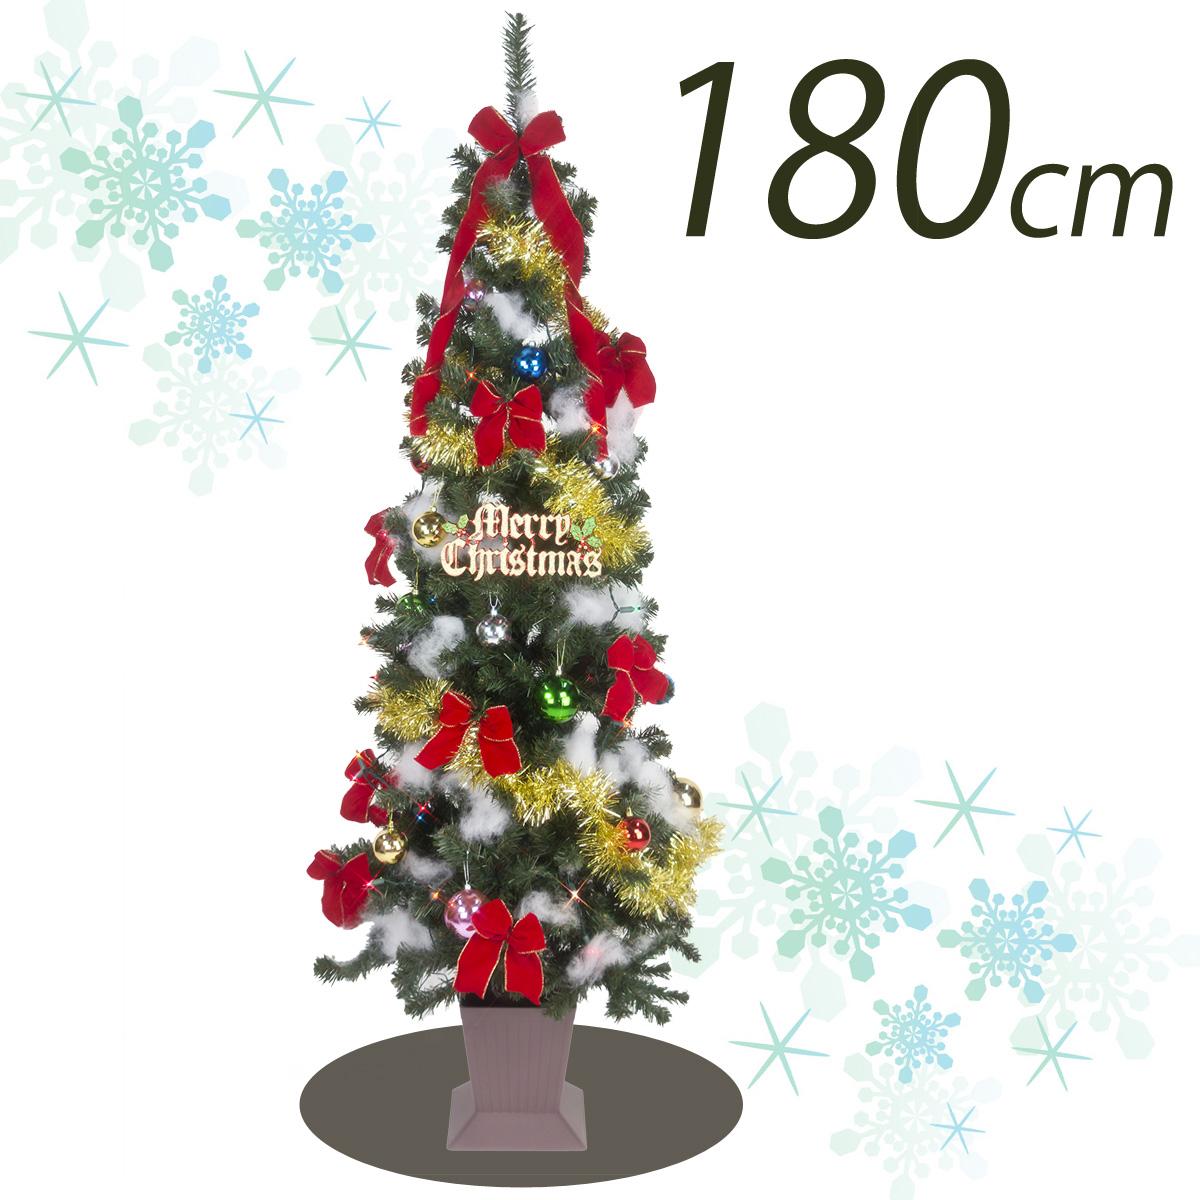 クリスマスツリー 180cm ポット オーナメント付 セットツリー 北欧 おしゃれ